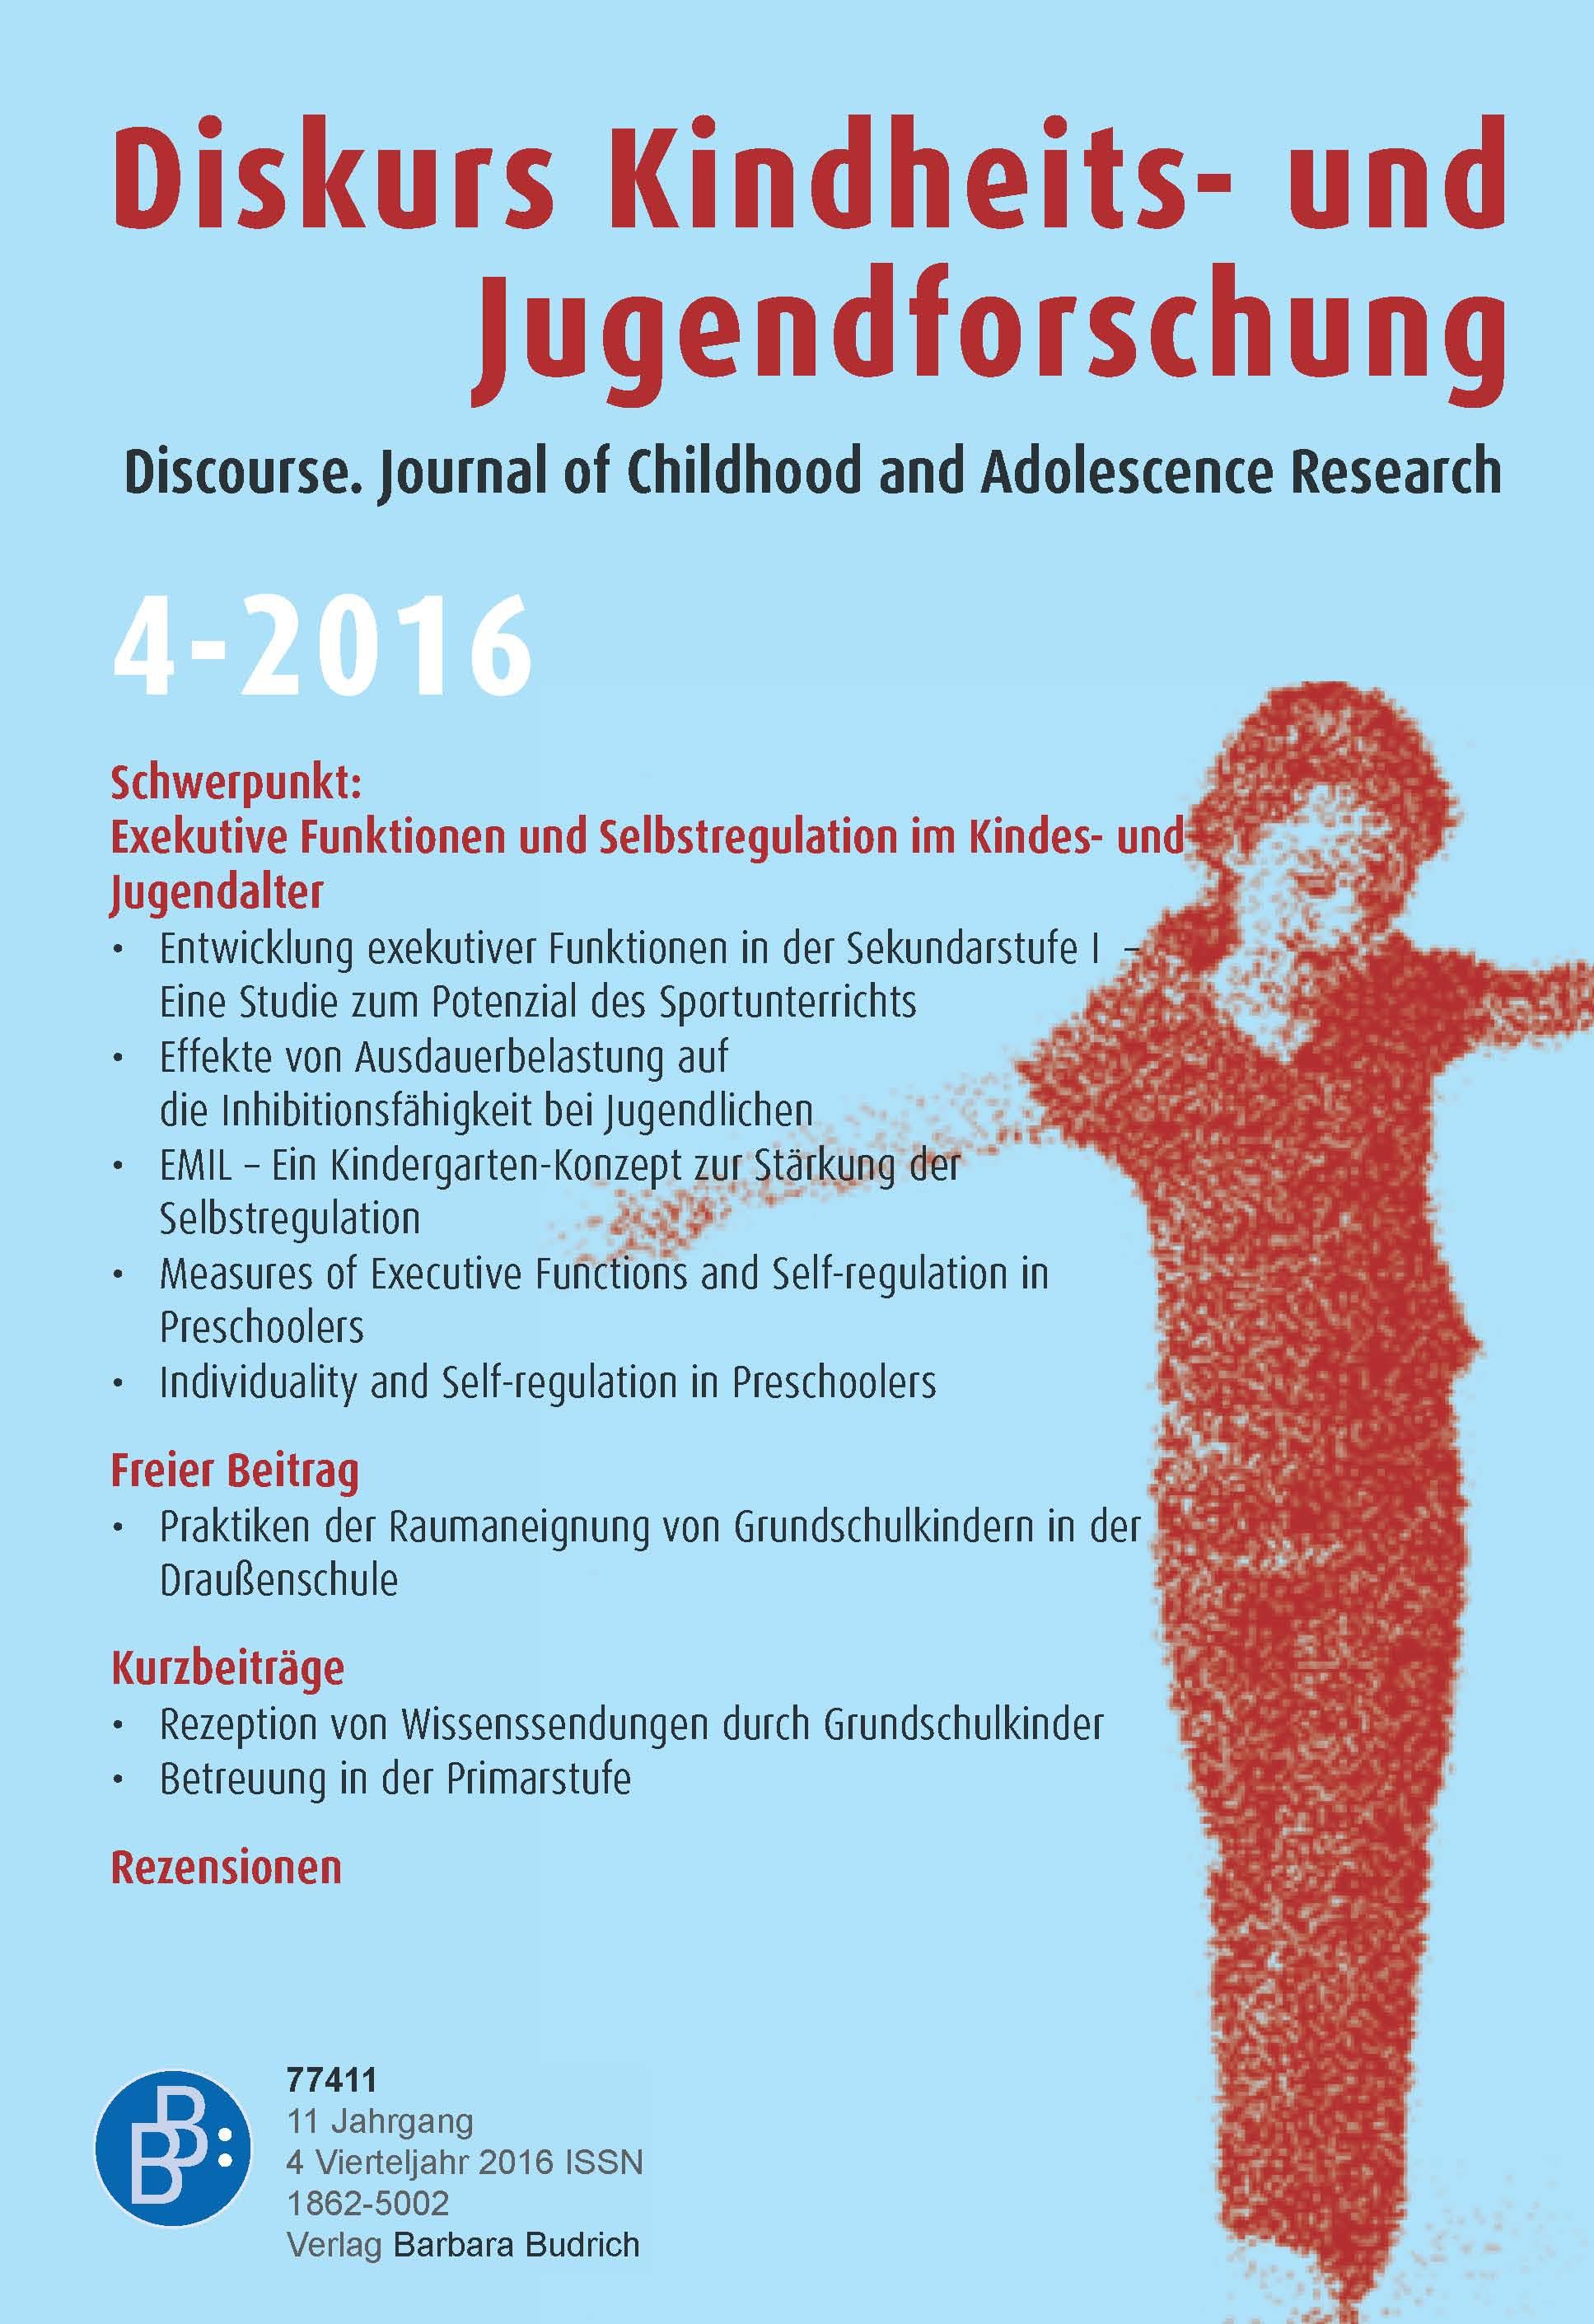 Diskurs 4-2016 | Exekutive Funktionen und Selbstregulation im Kindes- und Jugendalter